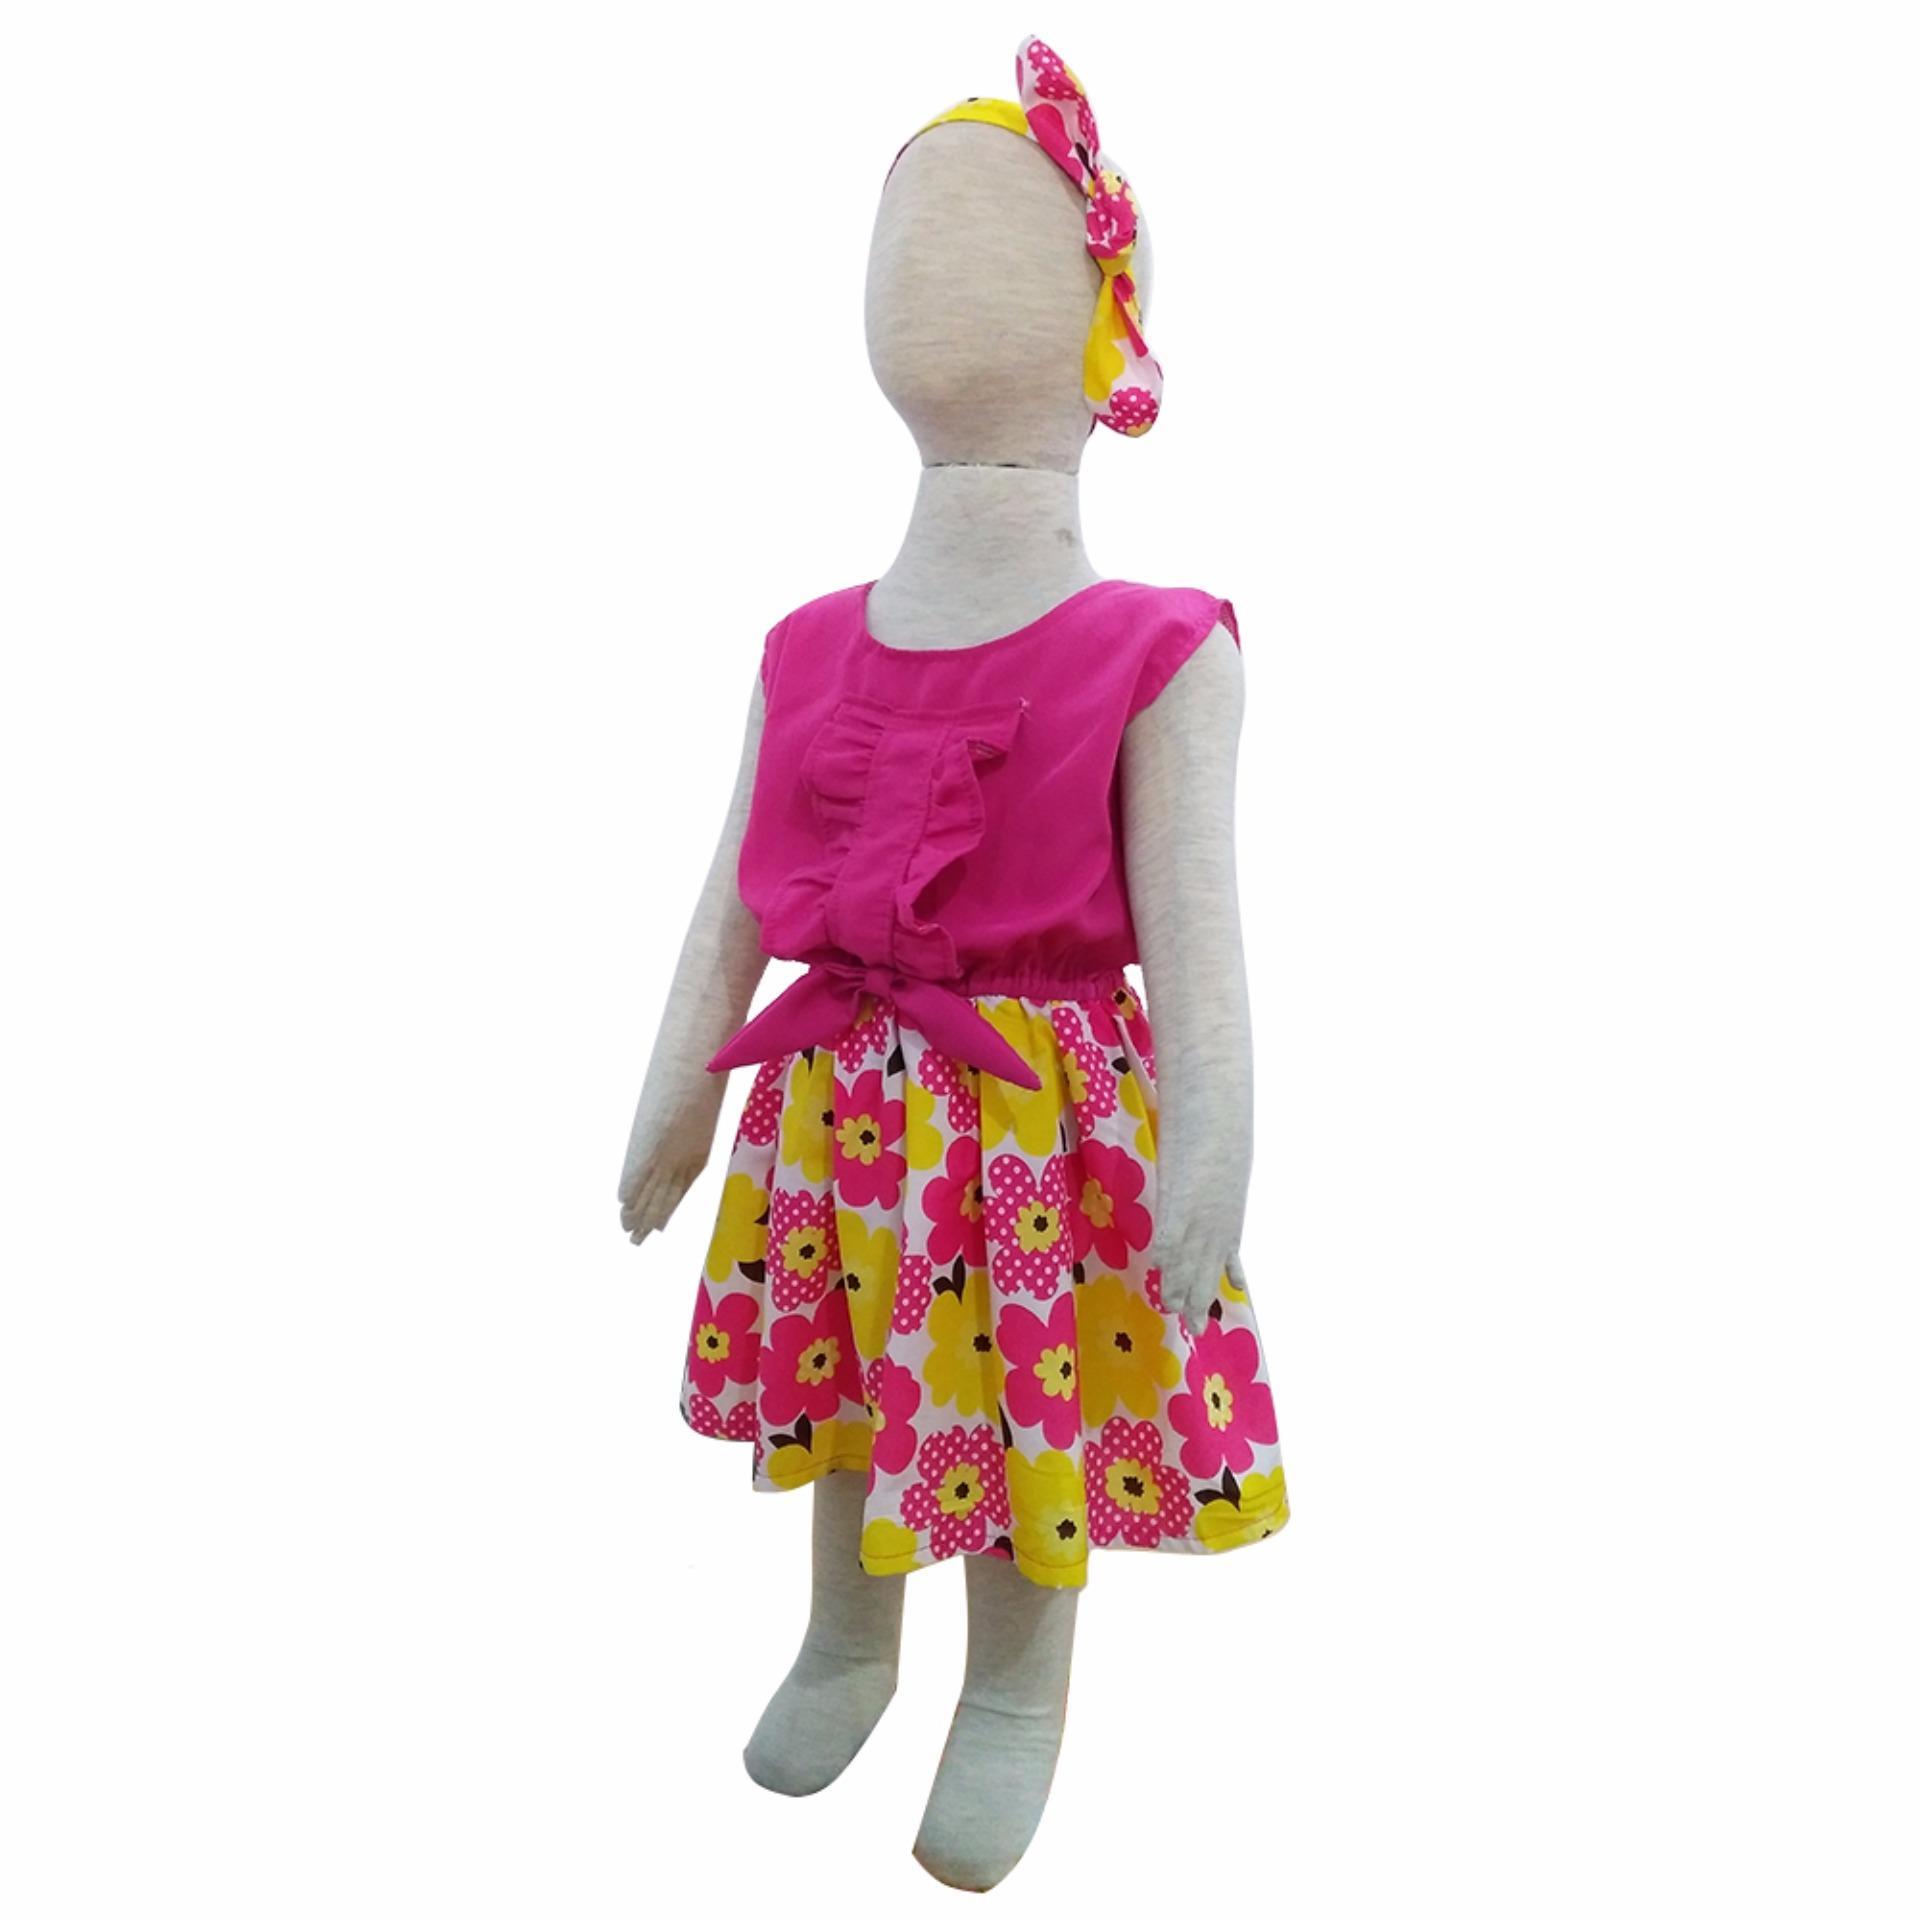 Grow Baju Gaun Harian Anak Perempuan Irish (Grow Gown Dress Clothes Irish Child ) PINK